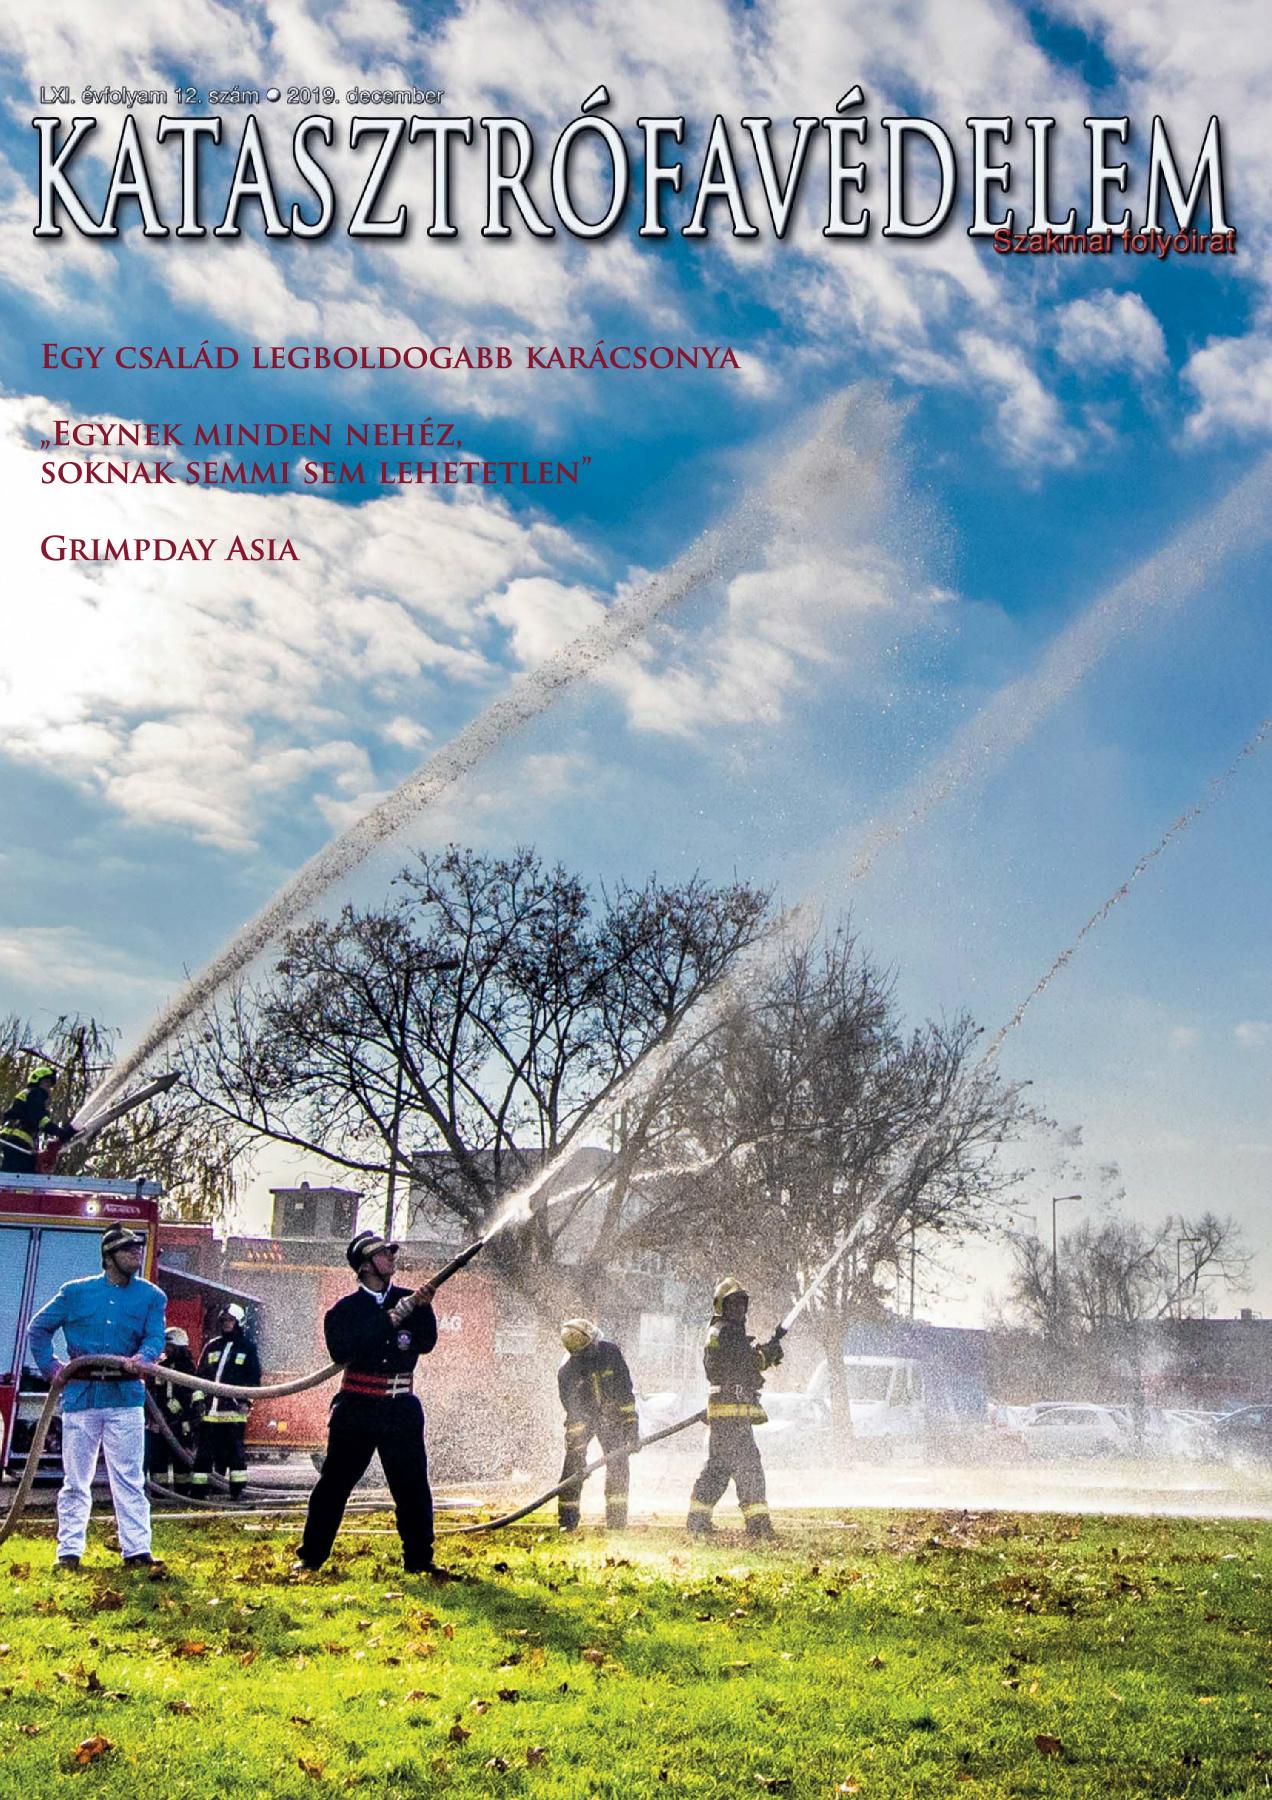 A Katasztrófavédelem magazin LXI. évfolyam 12. szám megtekintése